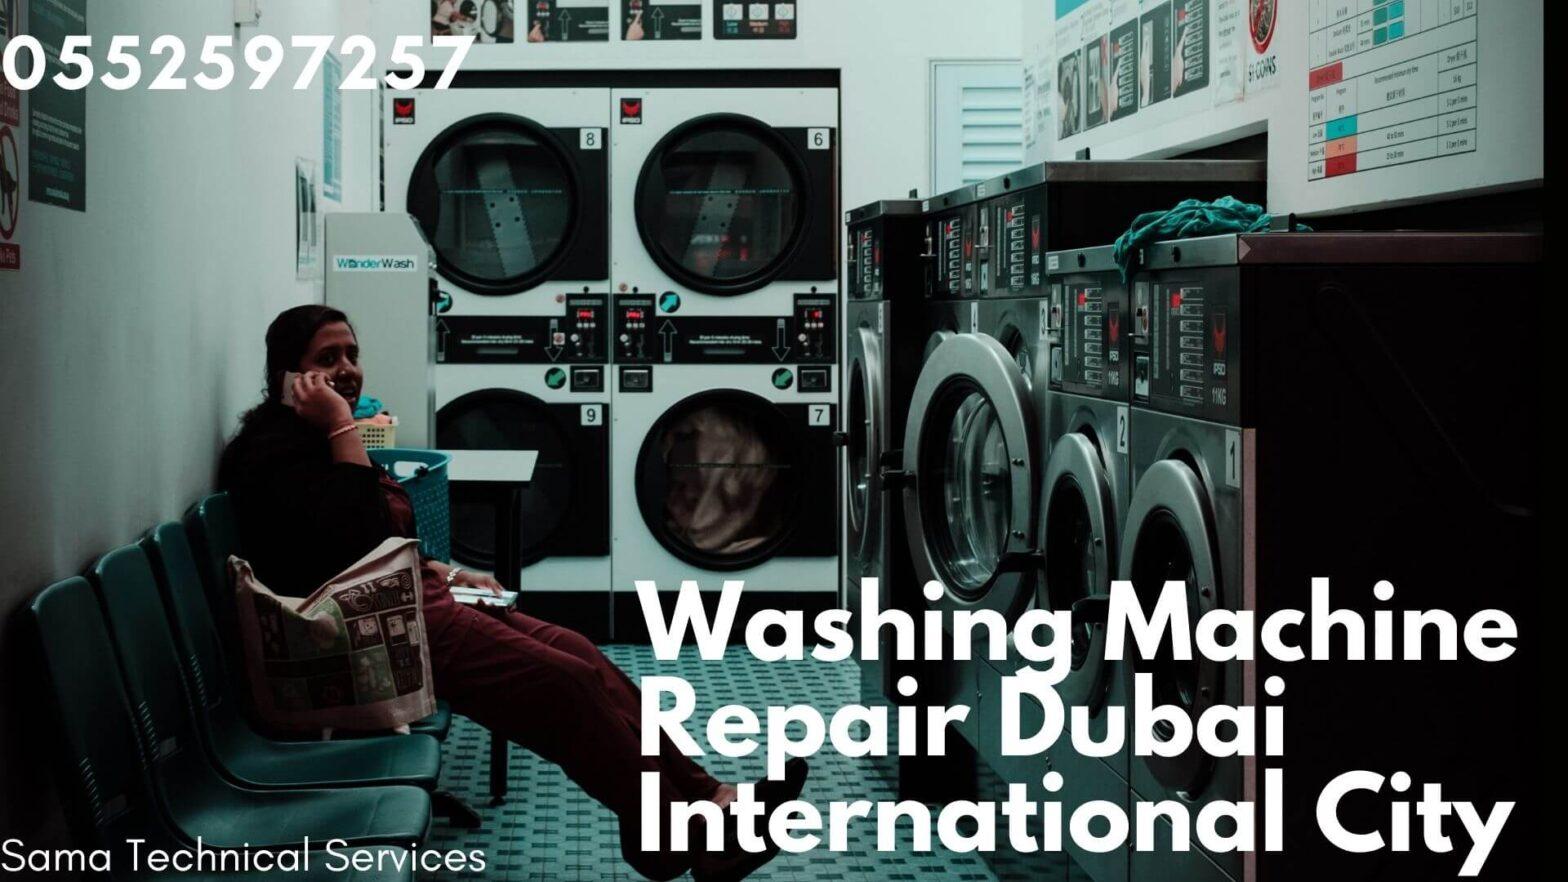 Washing Machine Repair Dubai International City